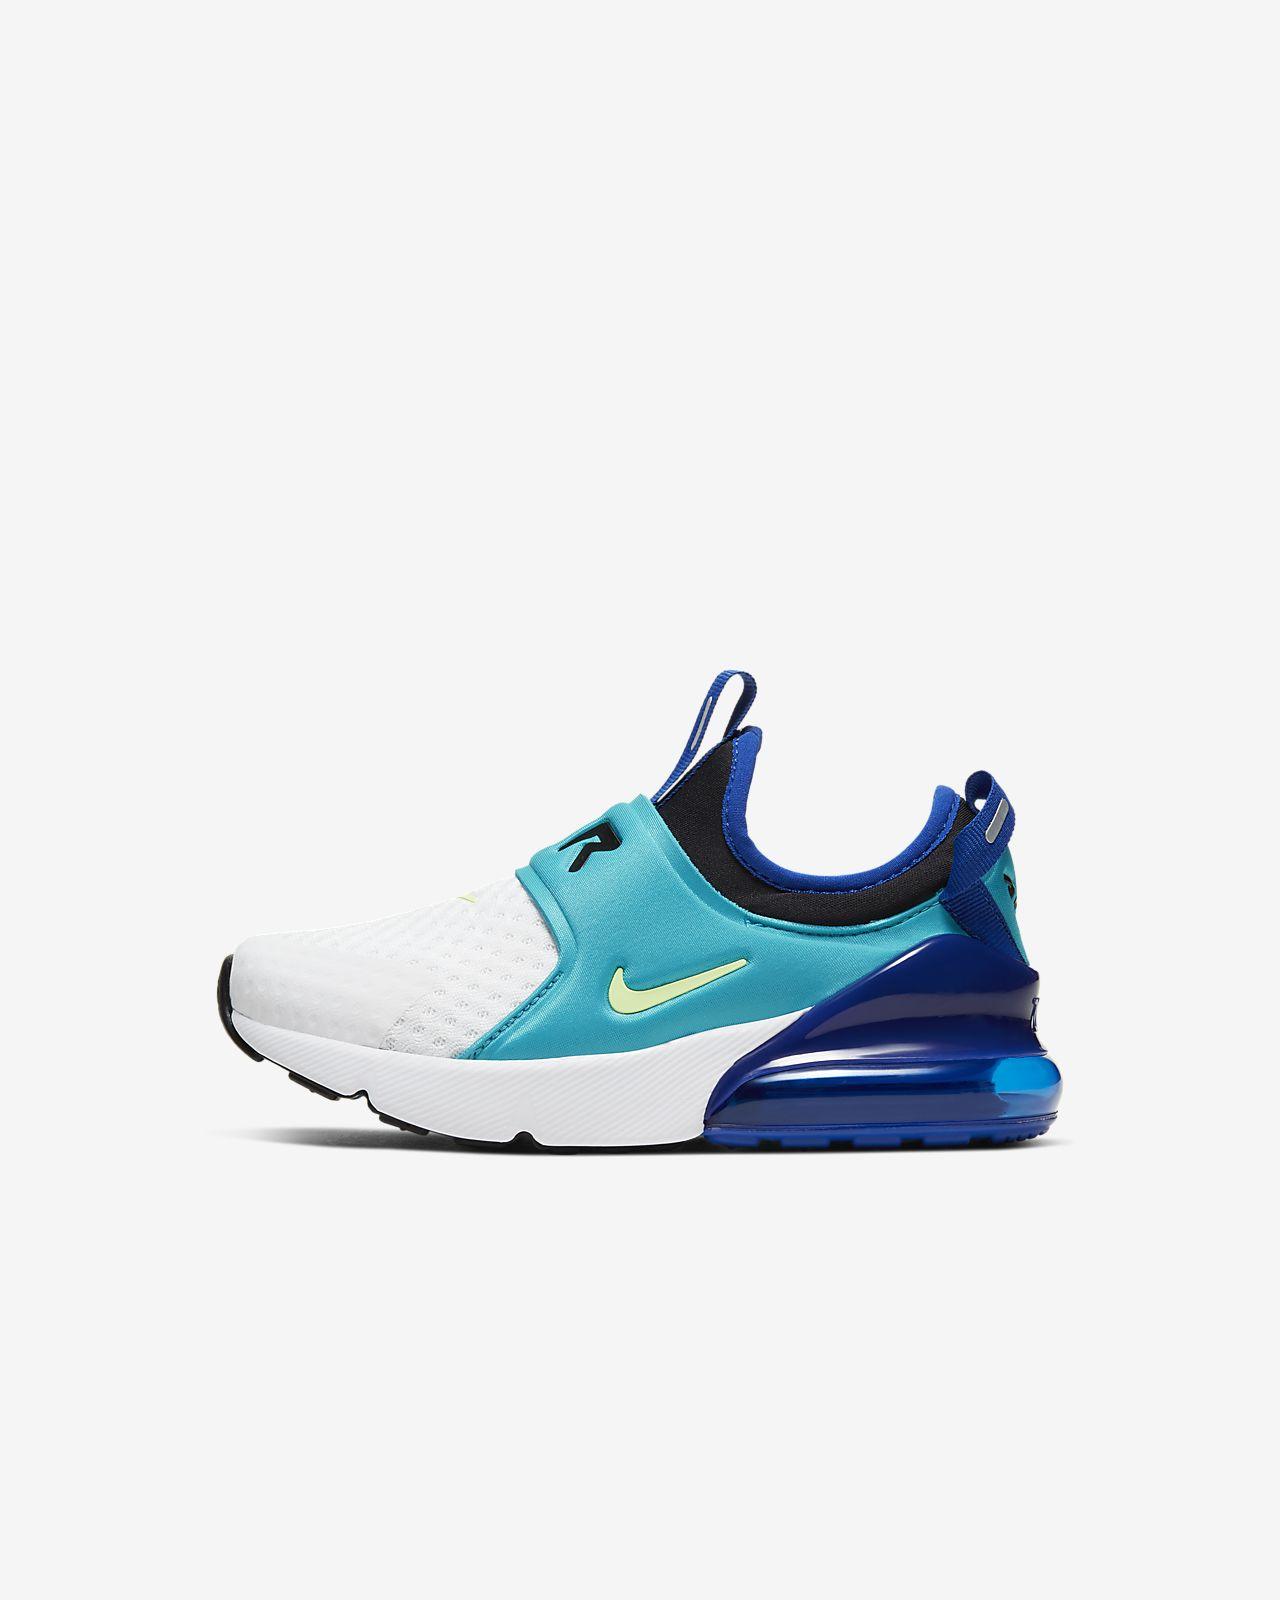 Nike Air Max 270 Extreme sko til små barn